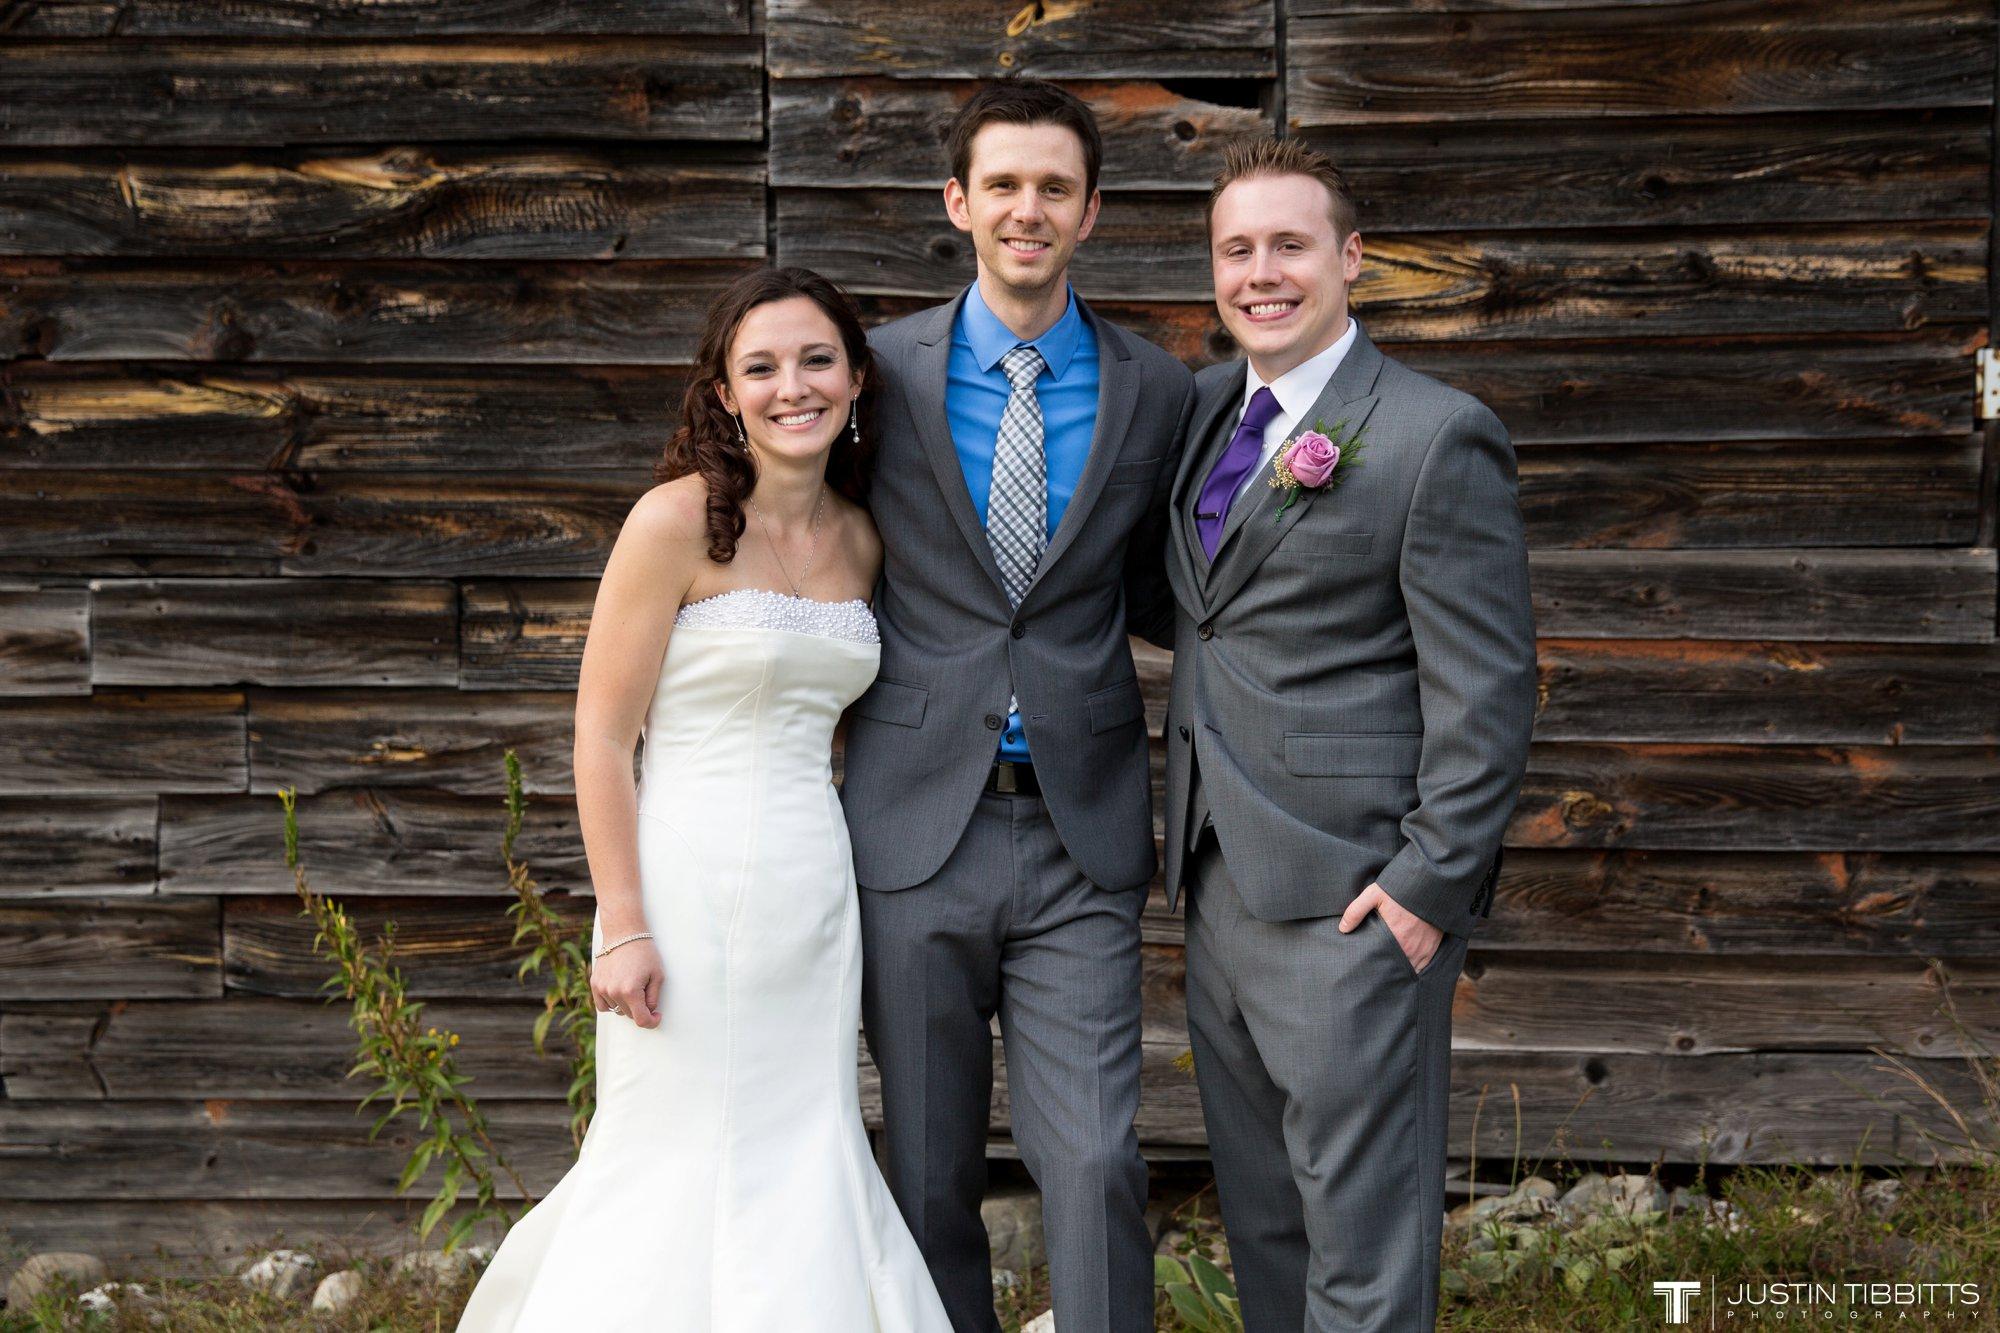 Albany NY Wedding Photographer Justin Tibbitts Photography 2014 Best of Albany NY Weddings-3112923